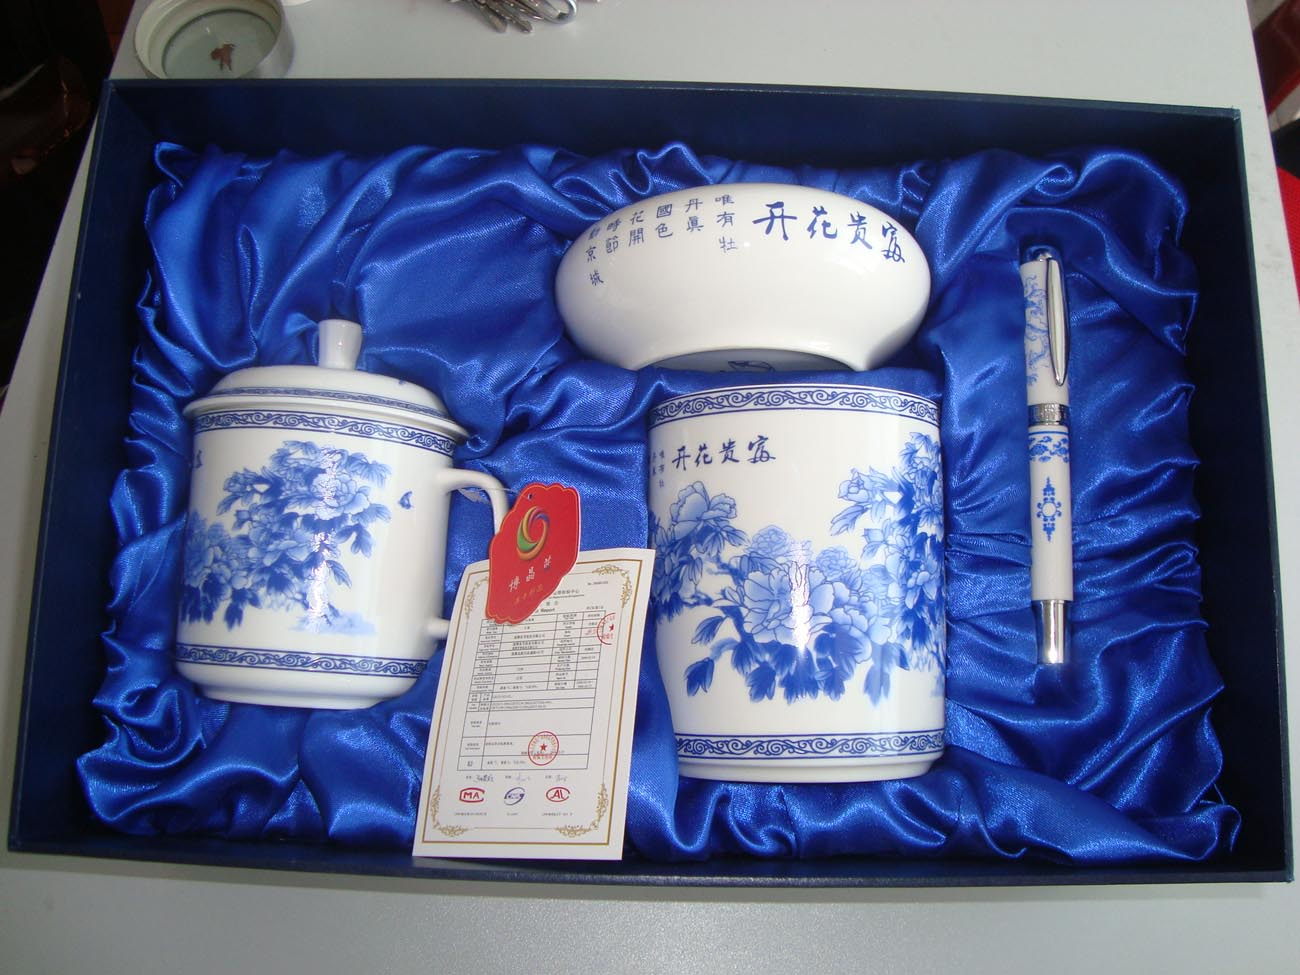 供应陶瓷刀出口济南出口陶瓷笔陶瓷花瓶